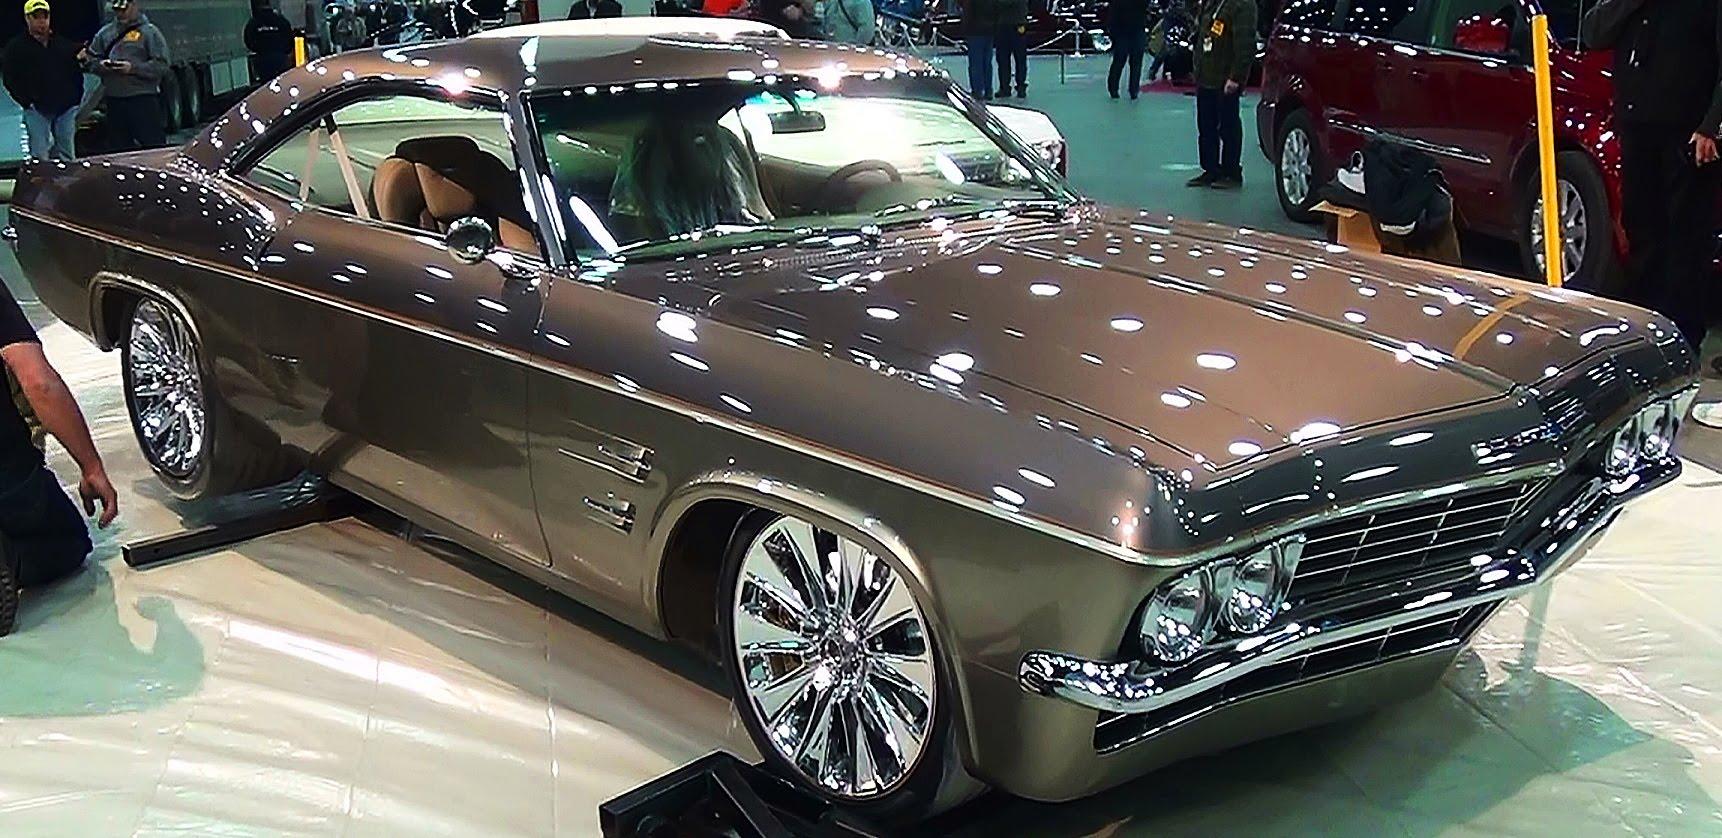 65 Impala The Imposter Foose Design 2015